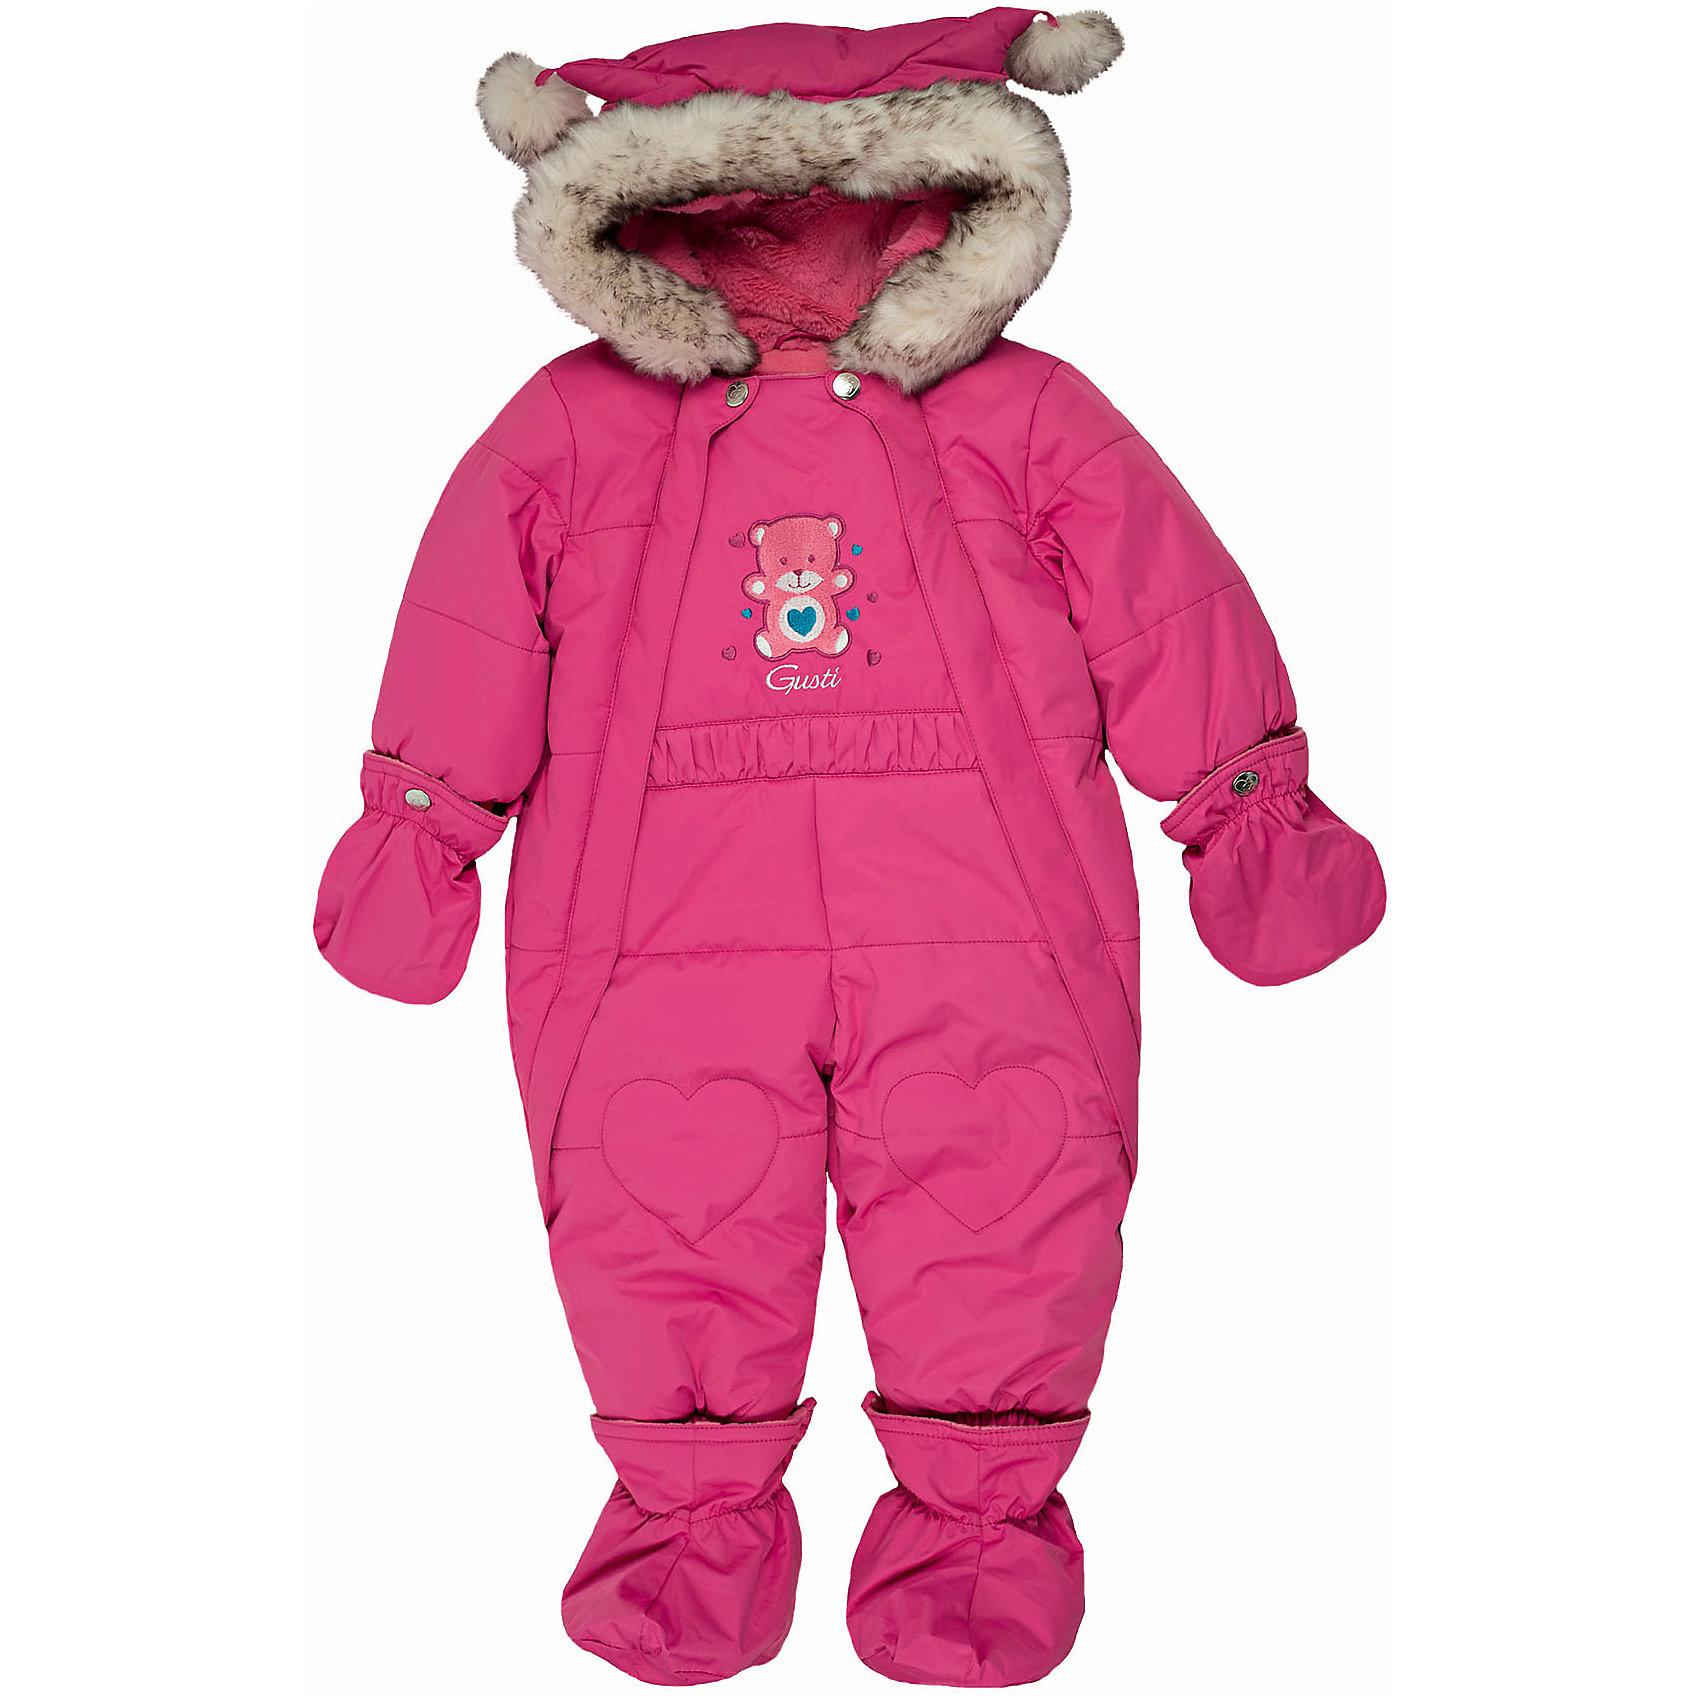 Комбинезон GUSTIКомбинезон GUSTI (ГУСТИ) – это комфортный качественный комбинезон, который обеспечит надежную защиту Вашему малышу от холодов в зимний сезон.<br><br>Температурный режим: до -30  градусов. Степень утепления – высокая. <br><br>* Температурный режим указан приблизительно — необходимо, прежде всего, ориентироваться на ощущения ребенка. Температурный режим работает в случае соблюдения правила многослойности – использования флисовой поддевы и термобелья.<br><br>Зимний комбинезон для девочки от GUSTI (ГУСТИ) выполнен из плотного непромокаемого материала с защитной от влаги мембраной 5000 мм. Тань хорошо сохраняет тепло, отталкивает влагу и позволяет коже ребенка дышать. Утеплитель из тек-полифилла и флисовая внутренняя отделка дают возможность использовать комбинезон при очень низких температурах. Наличие двух молний облегчает одевание и раздевание ребенка. Несъемный капюшон изнутри отделан искусственным мехом. В комплекте отстегивающиеся варежки и пинетки. Дизайн дополнен опушкой и небольшими помпонами на капюшоне, что делает модель по-детски задорной и милой. Цельный зимний комбинезон от GUSTI (ГУСТИ) не ограничивает движений и идеально защищает от ветра, холода и низких температур. Модель подходит для прогулок на морозе до -30 градусов. <br><br>Дополнительная информация:<br><br>- Сезон: зима<br>- Температурный режим до -30 градусов<br>- Цвет: розовый<br>- Материал верха: shuss 5000мм (100% полиэстер)<br>- Наполнитель: тек-полифилл плотностью 283 гр/м (10 унций) 100% полиэстер<br>- Подкладка: флис (100% полиэстер)<br>- 2 молнии и фурнитура YKK<br>- Светоотражающие элементы 3М Scotchlite<br>- Пинетки и рукавички отстегиваются<br>- Уход: машинная стирка, легкие загрязнения можно смыть губкой без стирки<br><br>Комбинезон GUSTI (ГУСТИ) можно купить в нашем интернет-магазине.<br><br>Ширина мм: 356<br>Глубина мм: 10<br>Высота мм: 245<br>Вес г: 519<br>Цвет: розовый<br>Возраст от месяцев: 3<br>Возраст до месяцев: 6<br>Пол: Женский<br>Возраст: Детский<br>Размер: 7